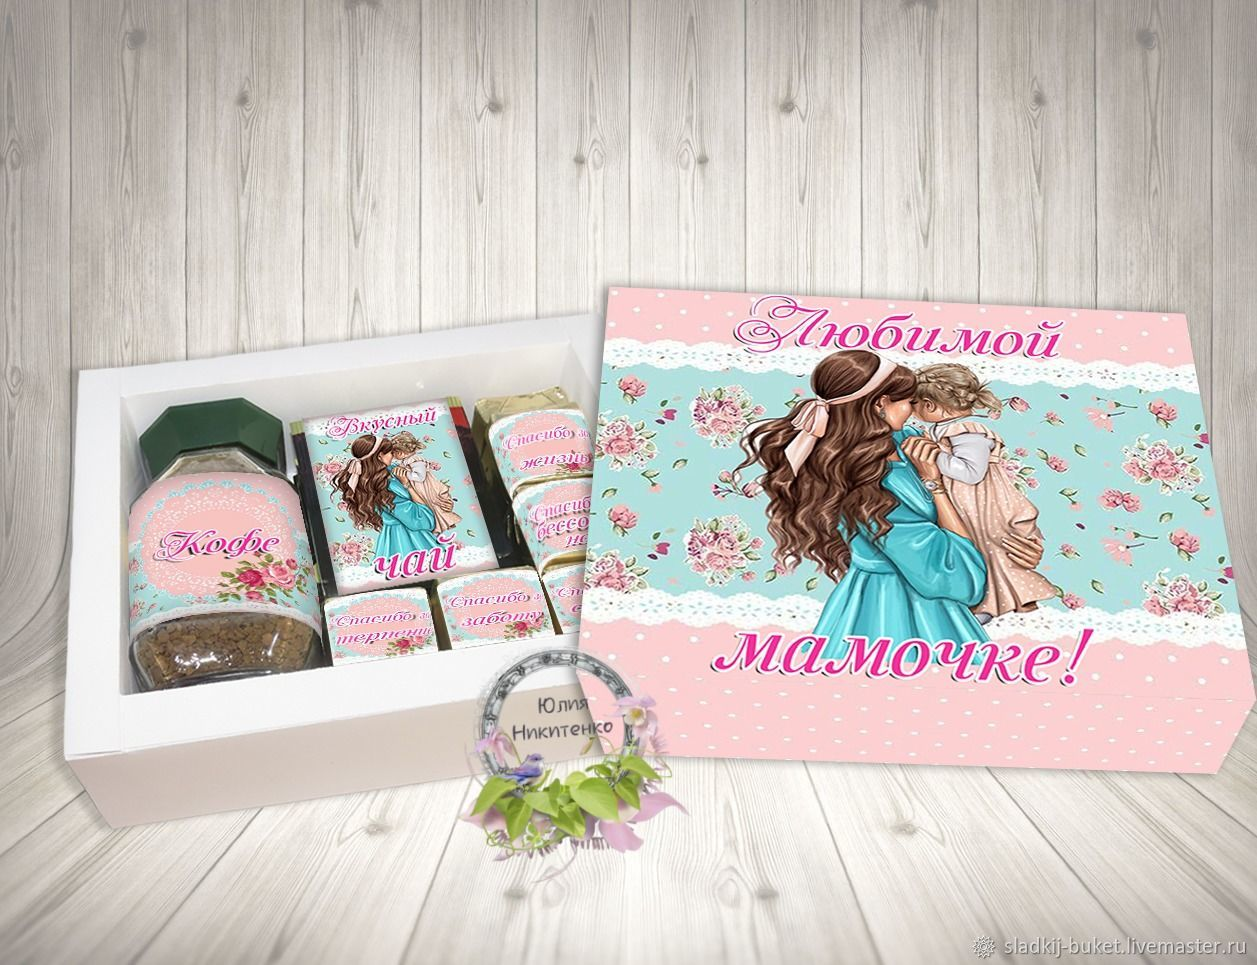 Шокобоксы и подарочные наборы для мамочки – заказать на Ярмарке Мастеров – K0XPGRU | Шокобоксы, Санкт-Петербург